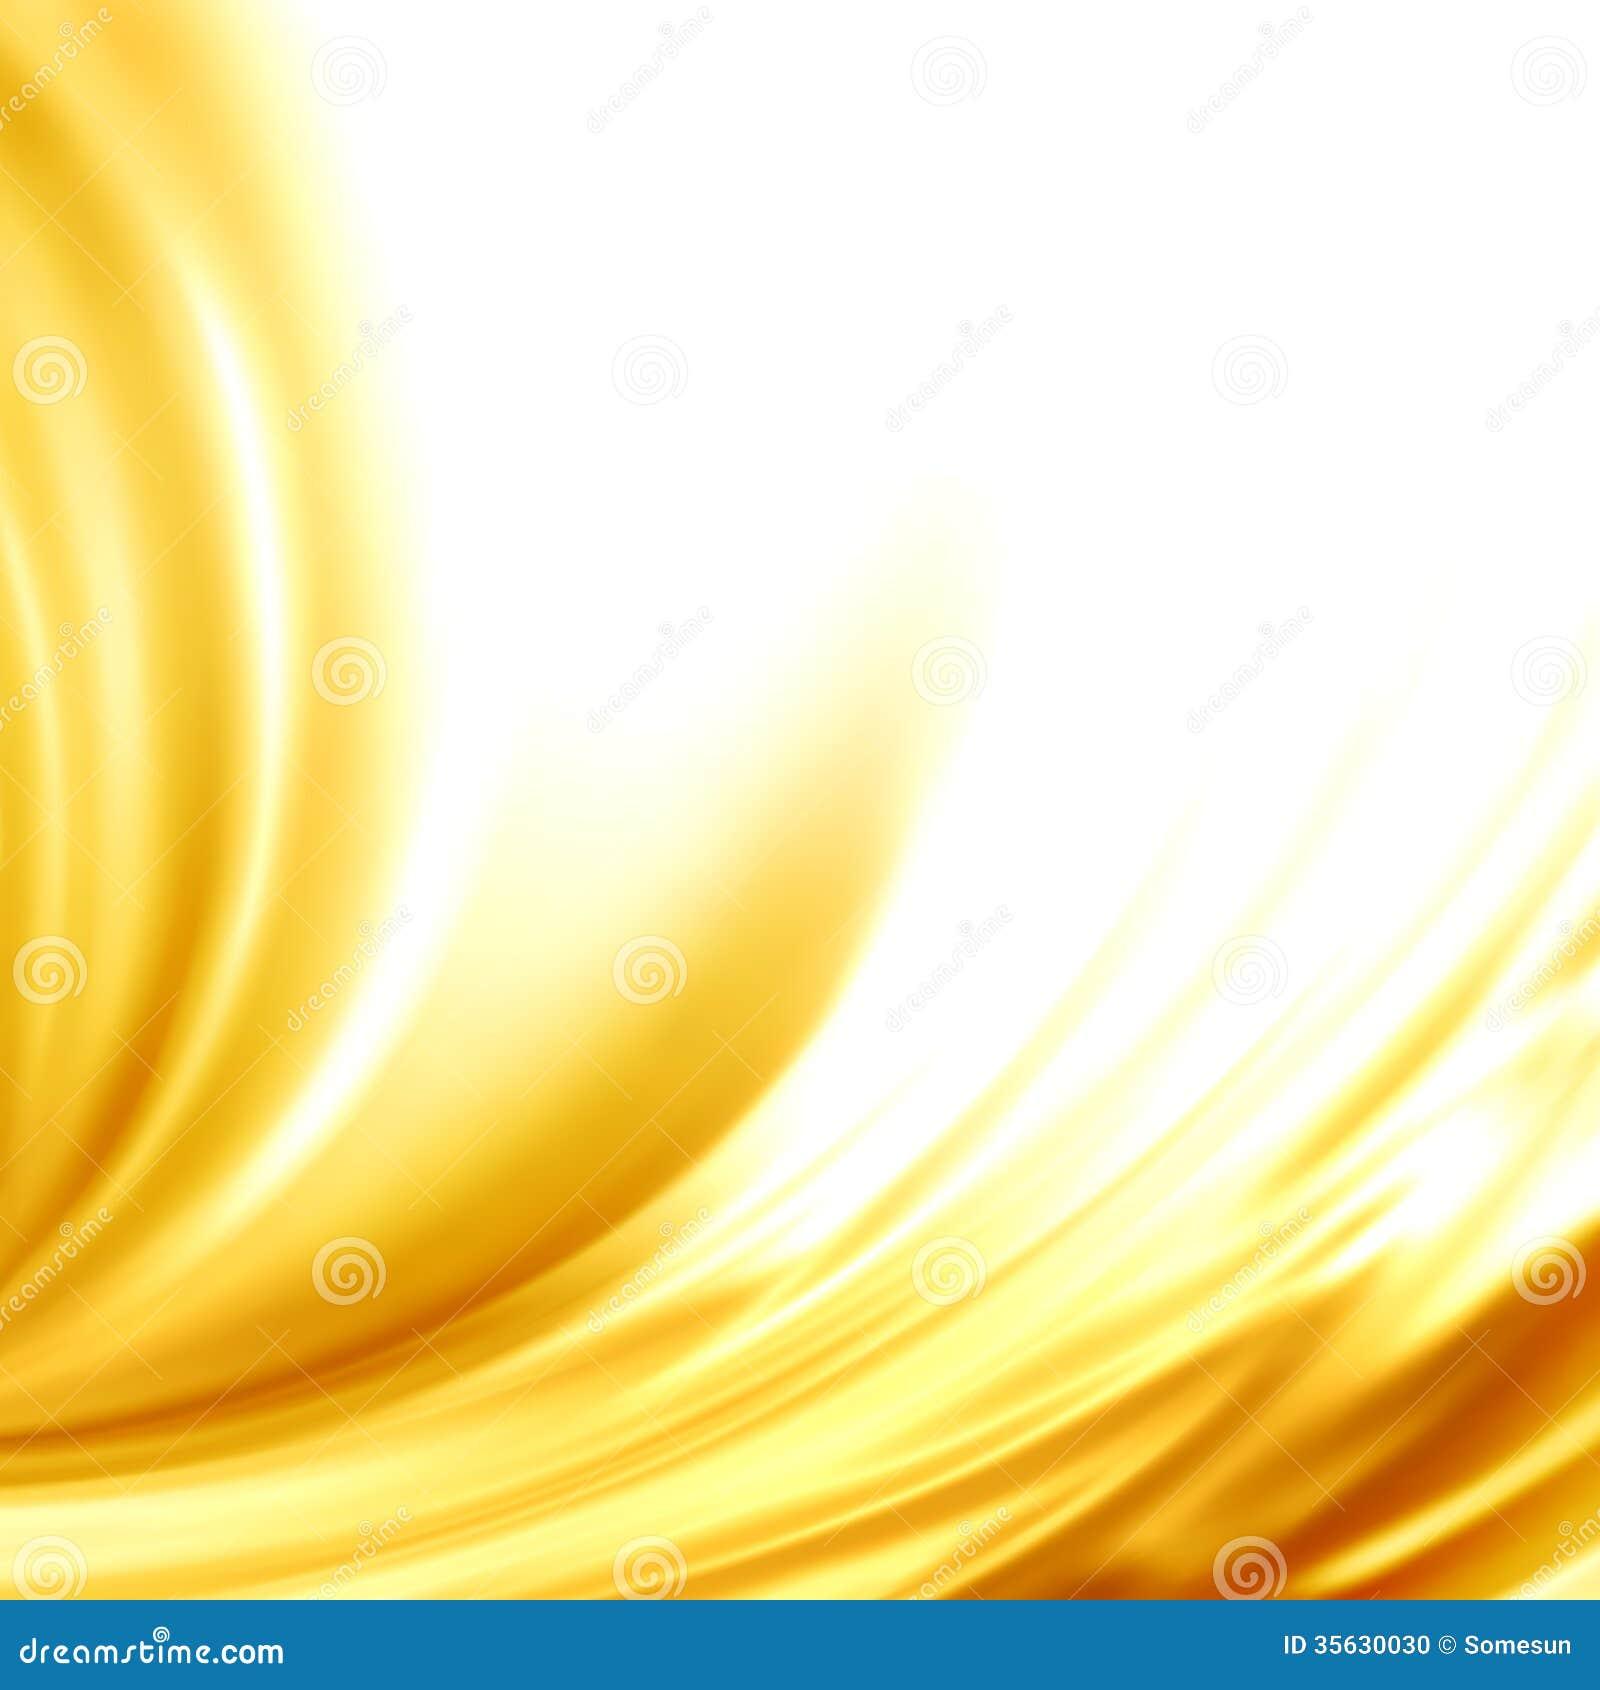 Abstract background golden silk frame vector stock vector abstract background golden silk frame vector stopboris Choice Image